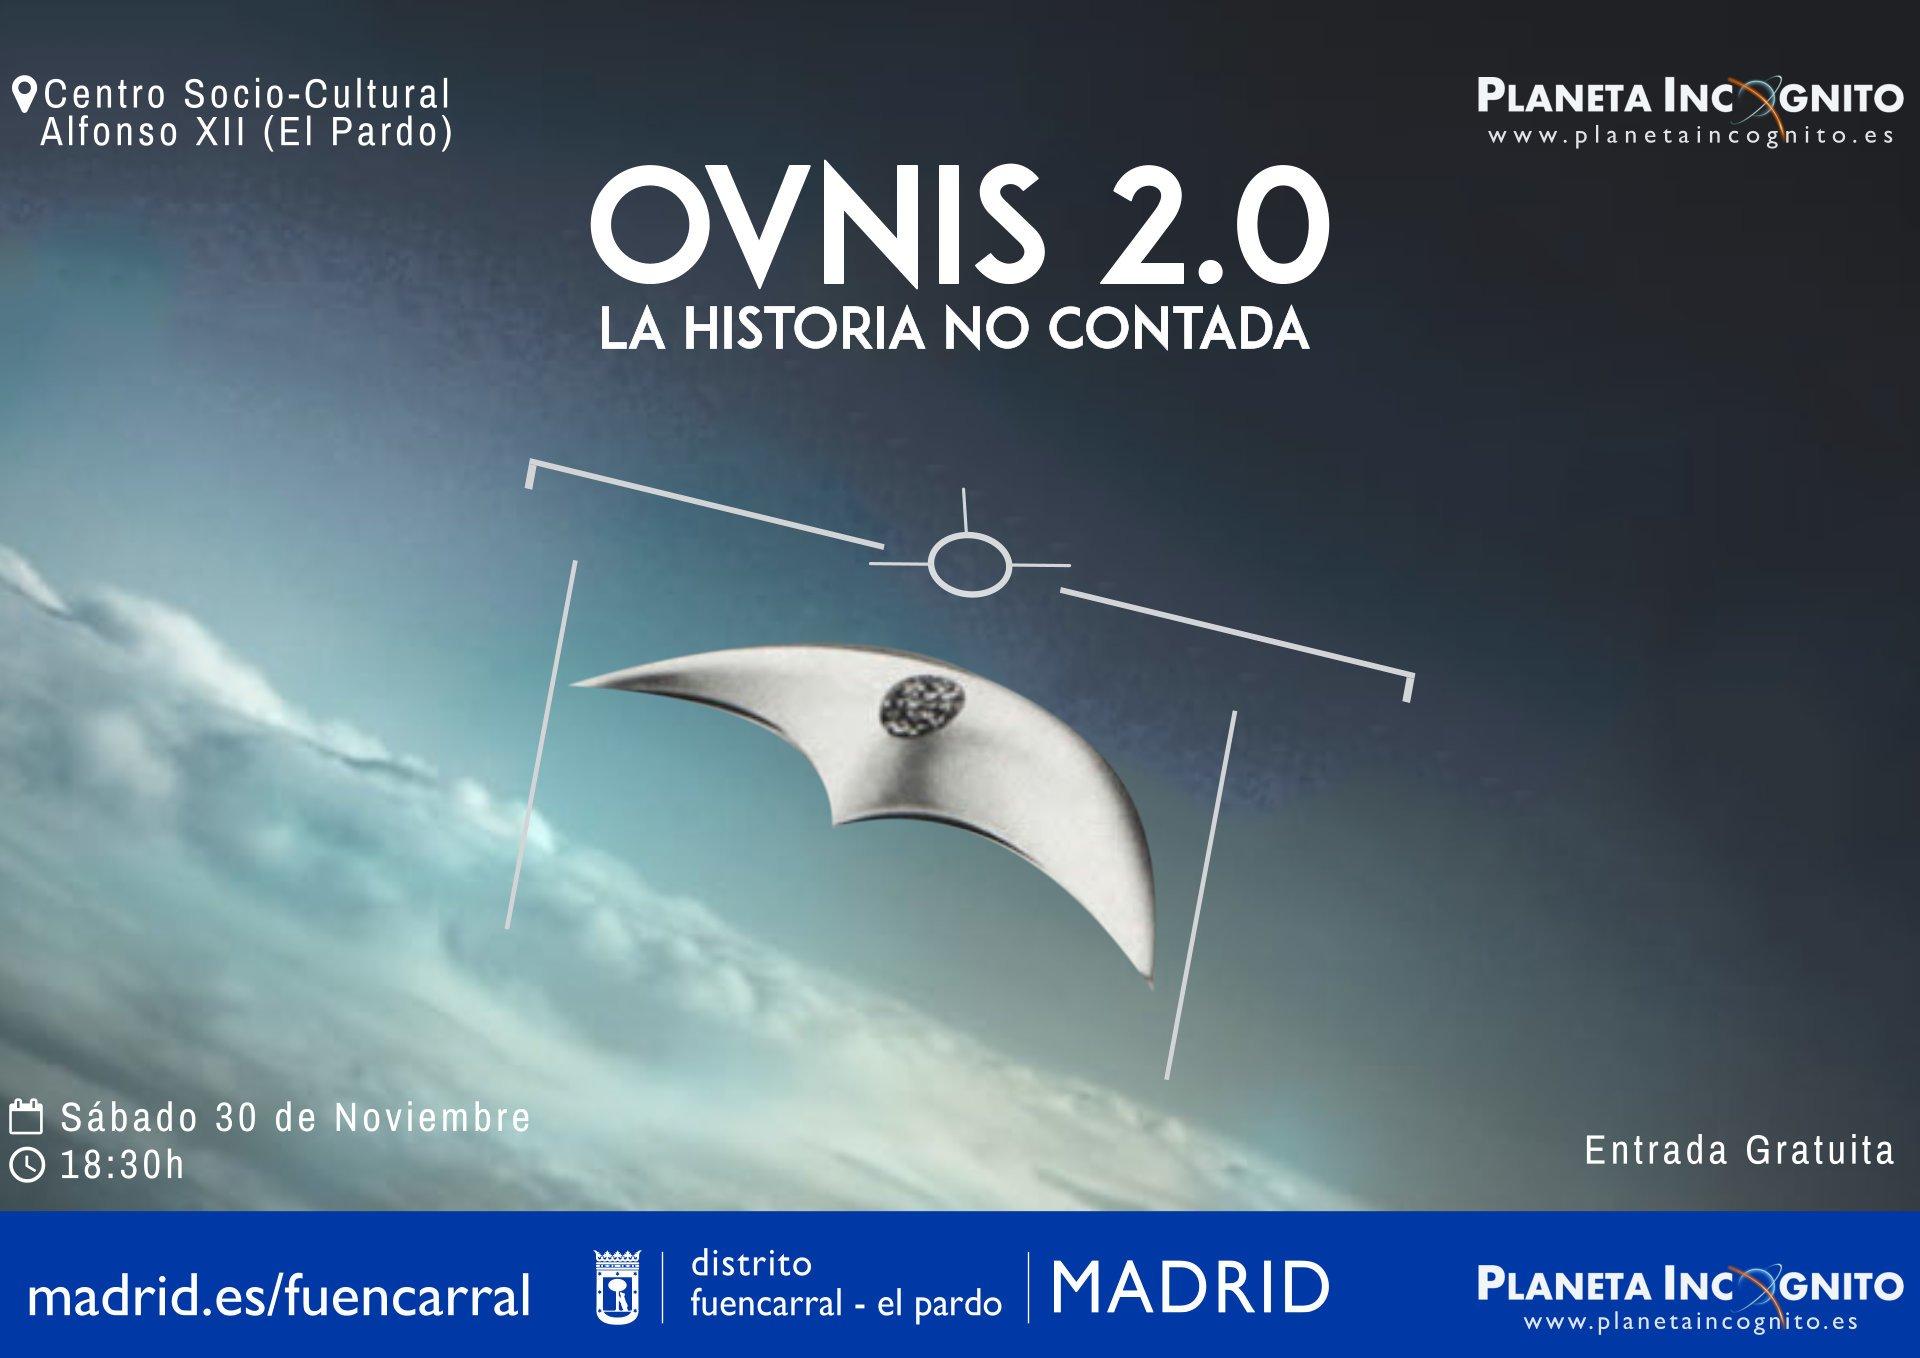 Este sábado 30 de Noviembre- OVNIS 2.0: LA HISTORIA NO CONTADA - Una aproximación diferente- Centro Sociocultural Alfonso XII 1